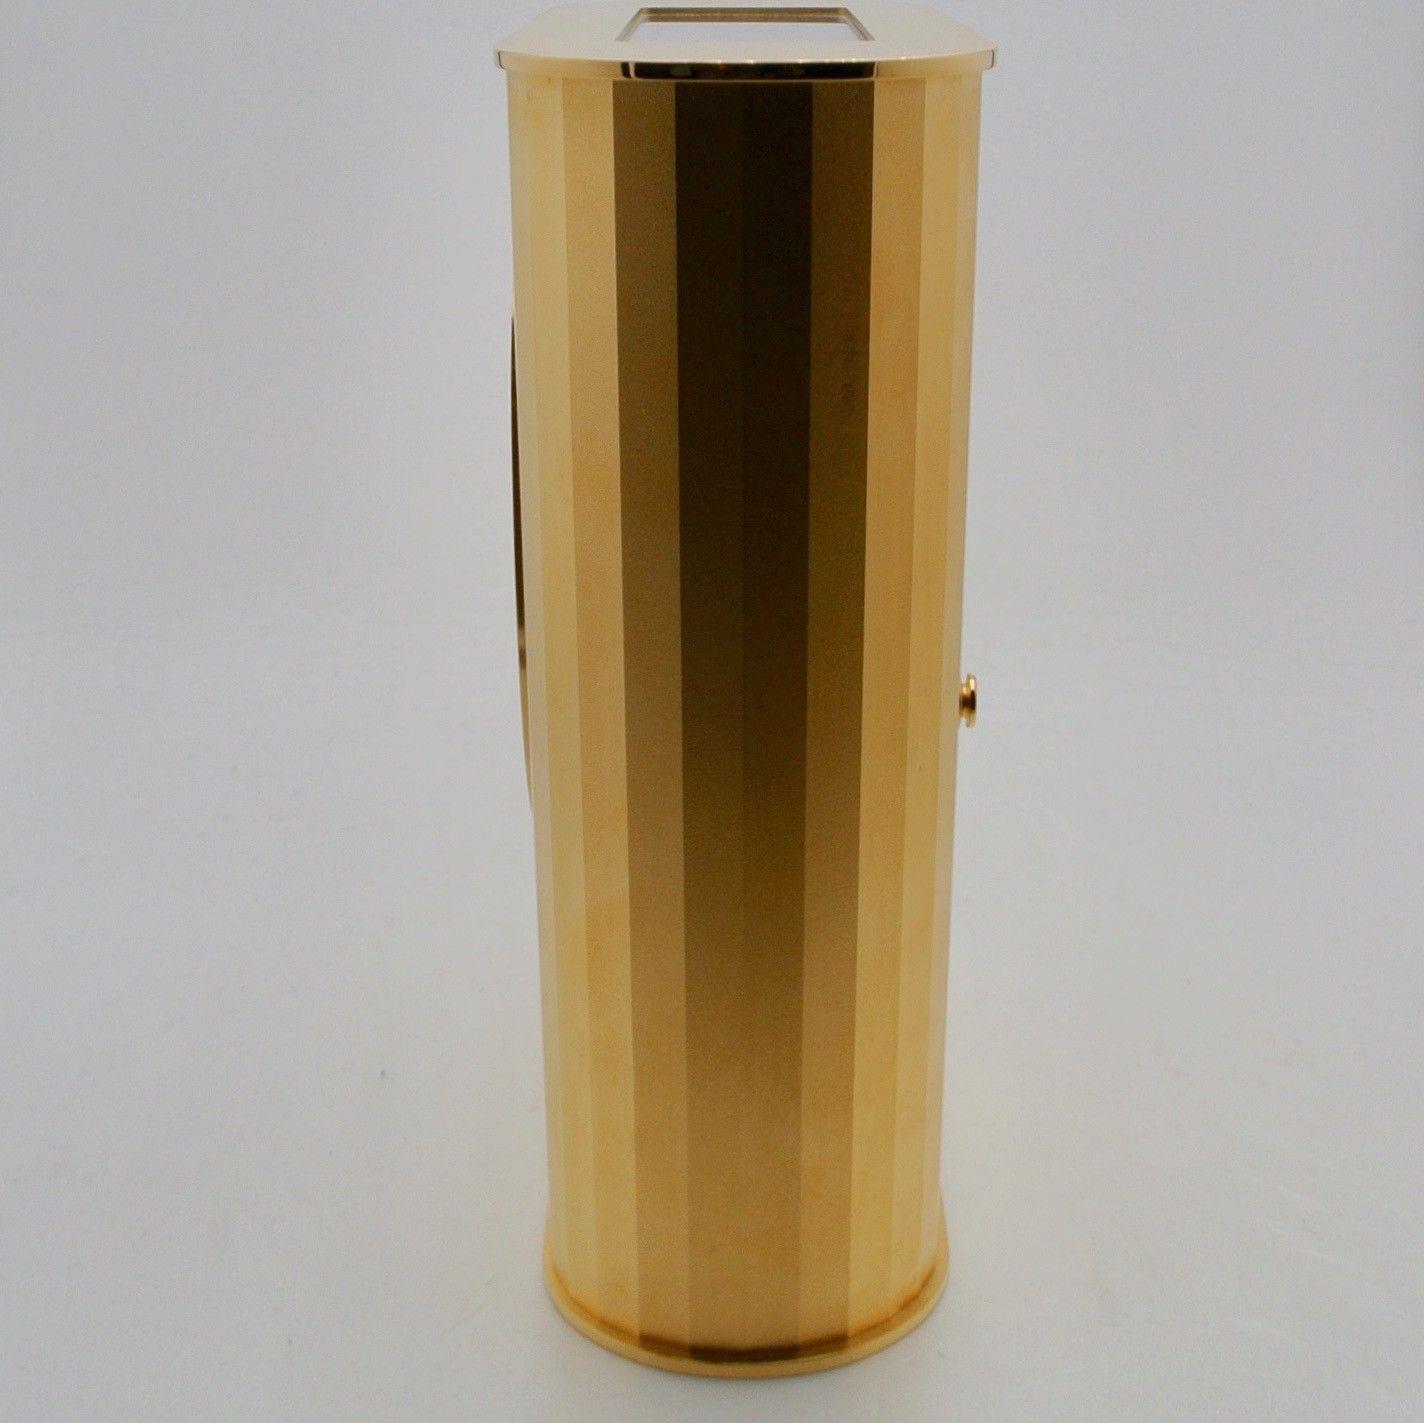 Patek Philippe Pendulettte solar quartz